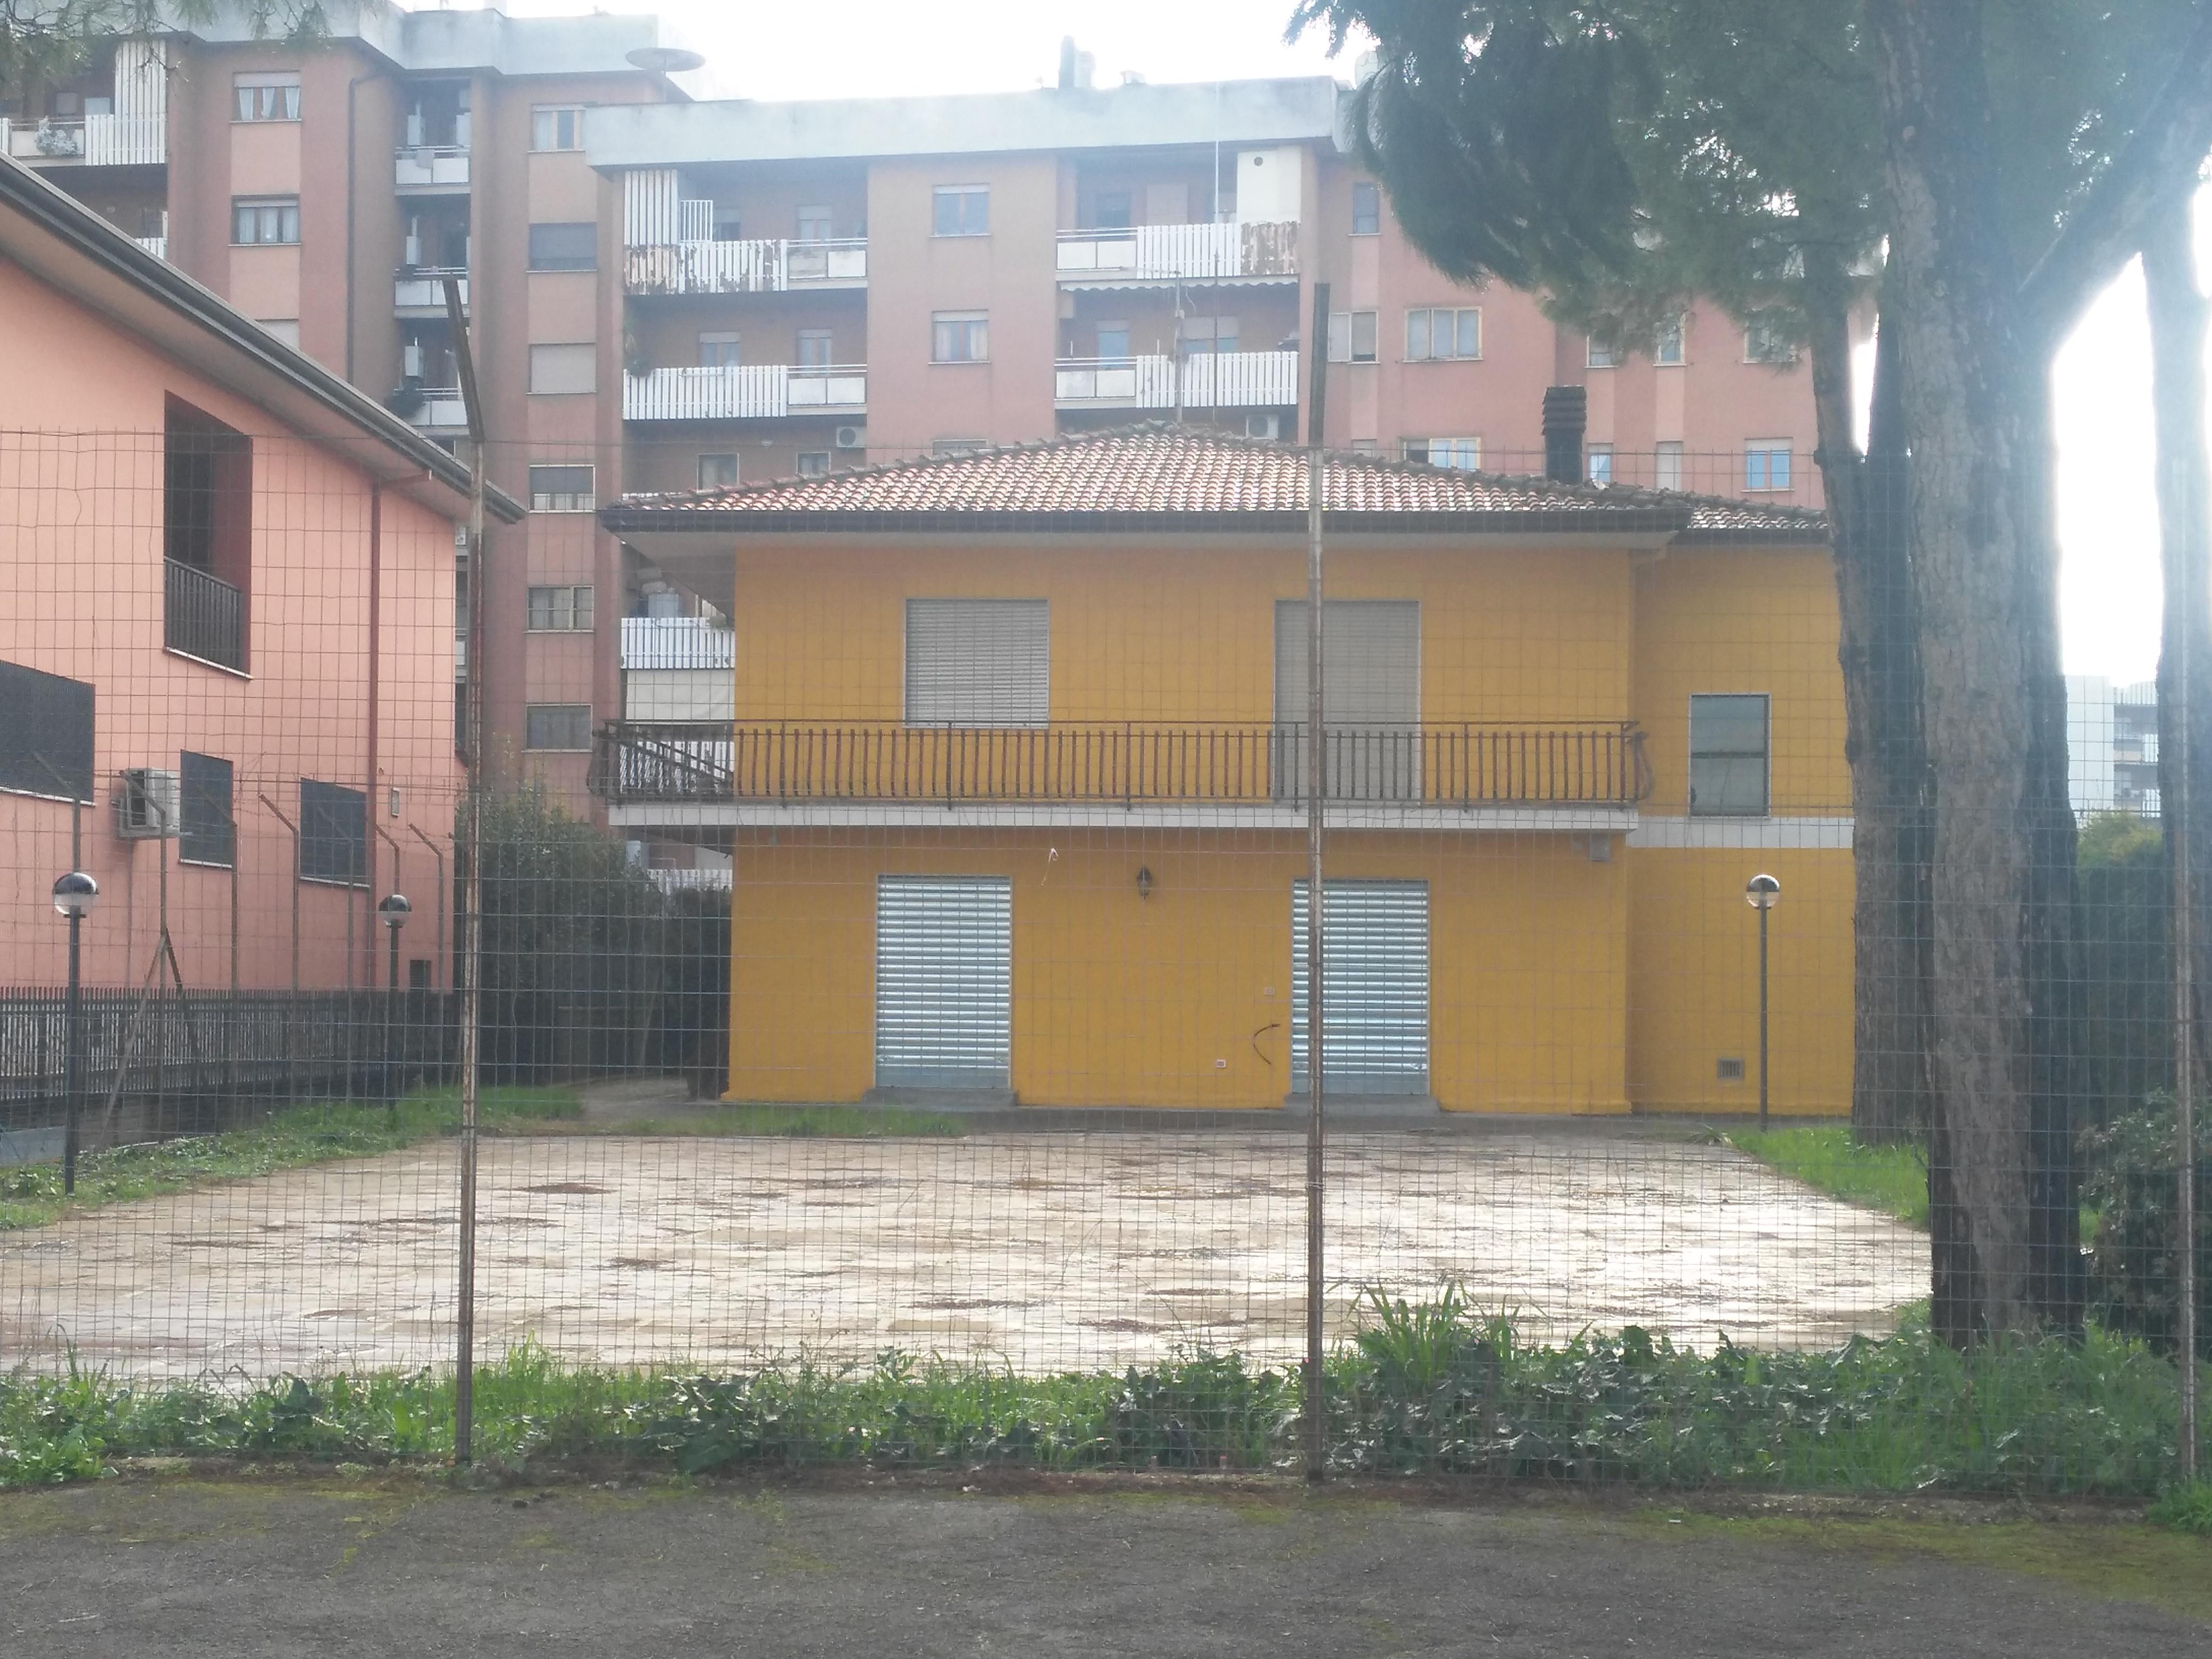 FROSINONE BASSA – Via Tomaso Albinoni (vicino uscita autostrada Frosinone)